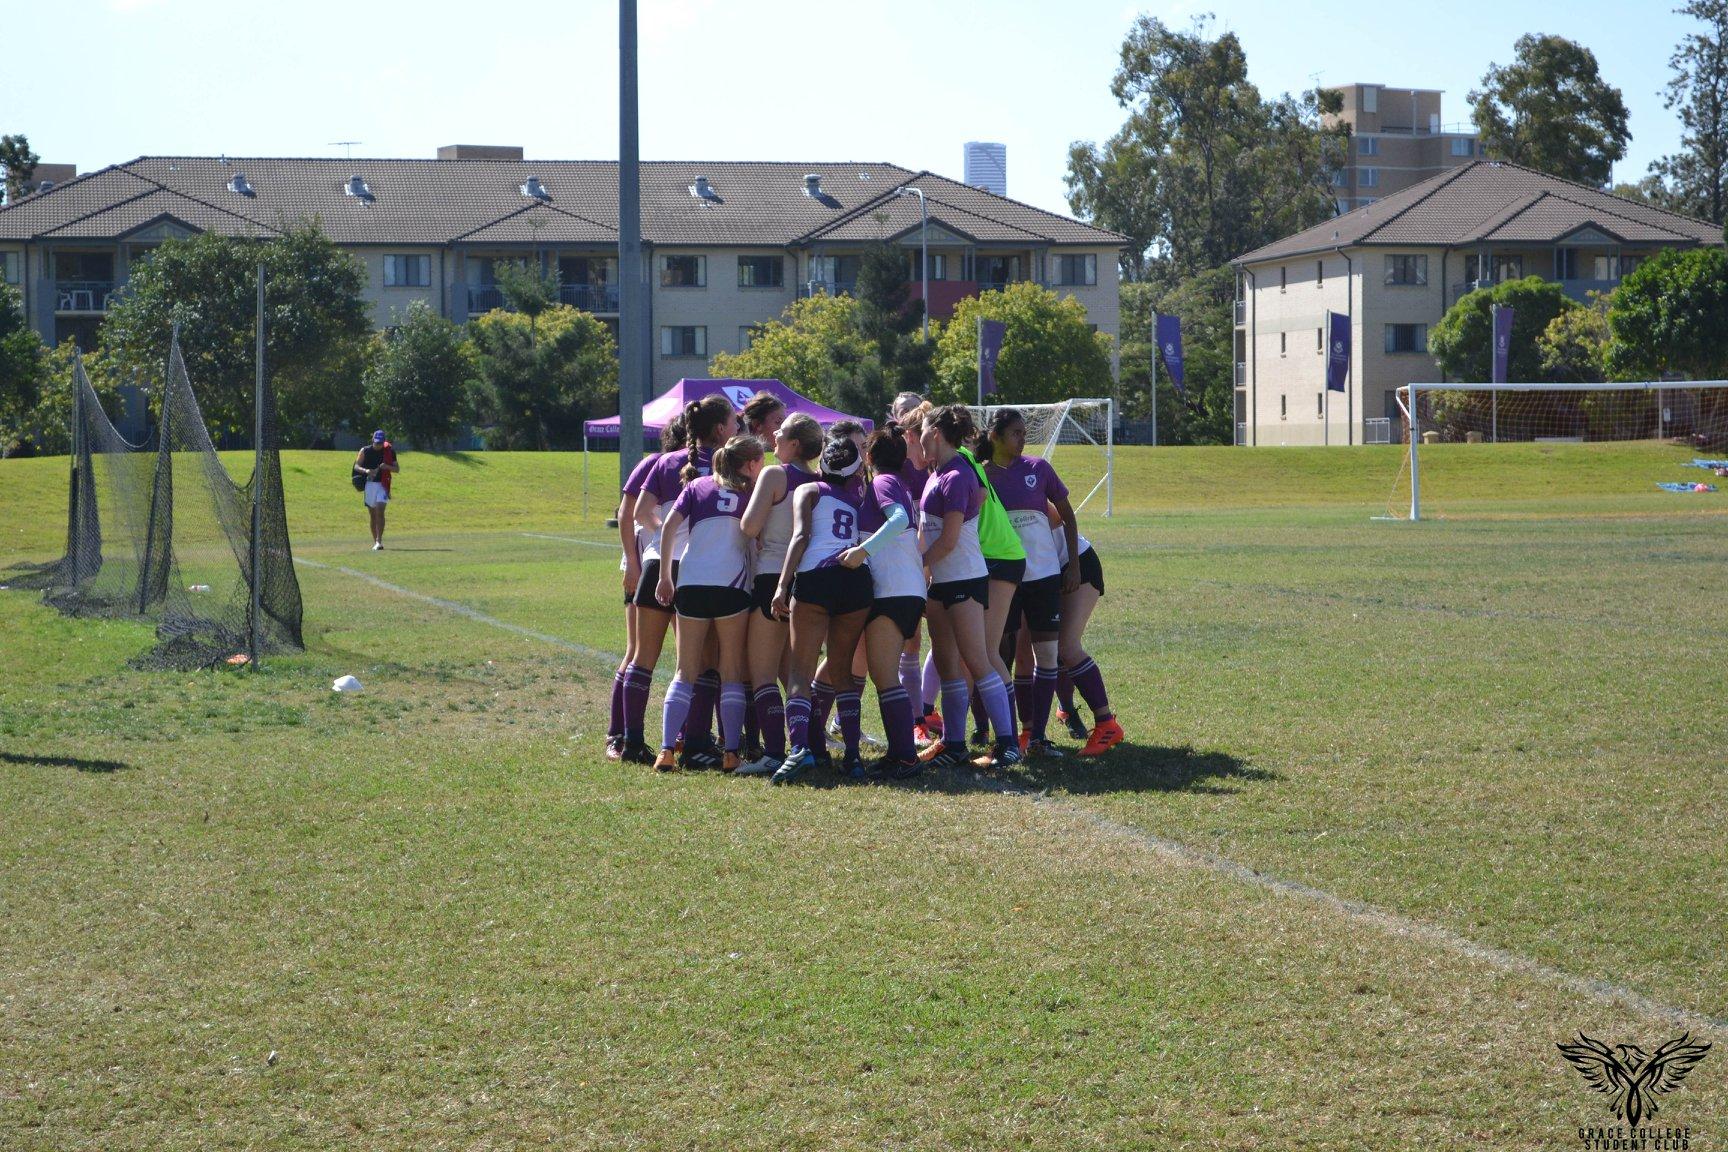 A soccer huddle